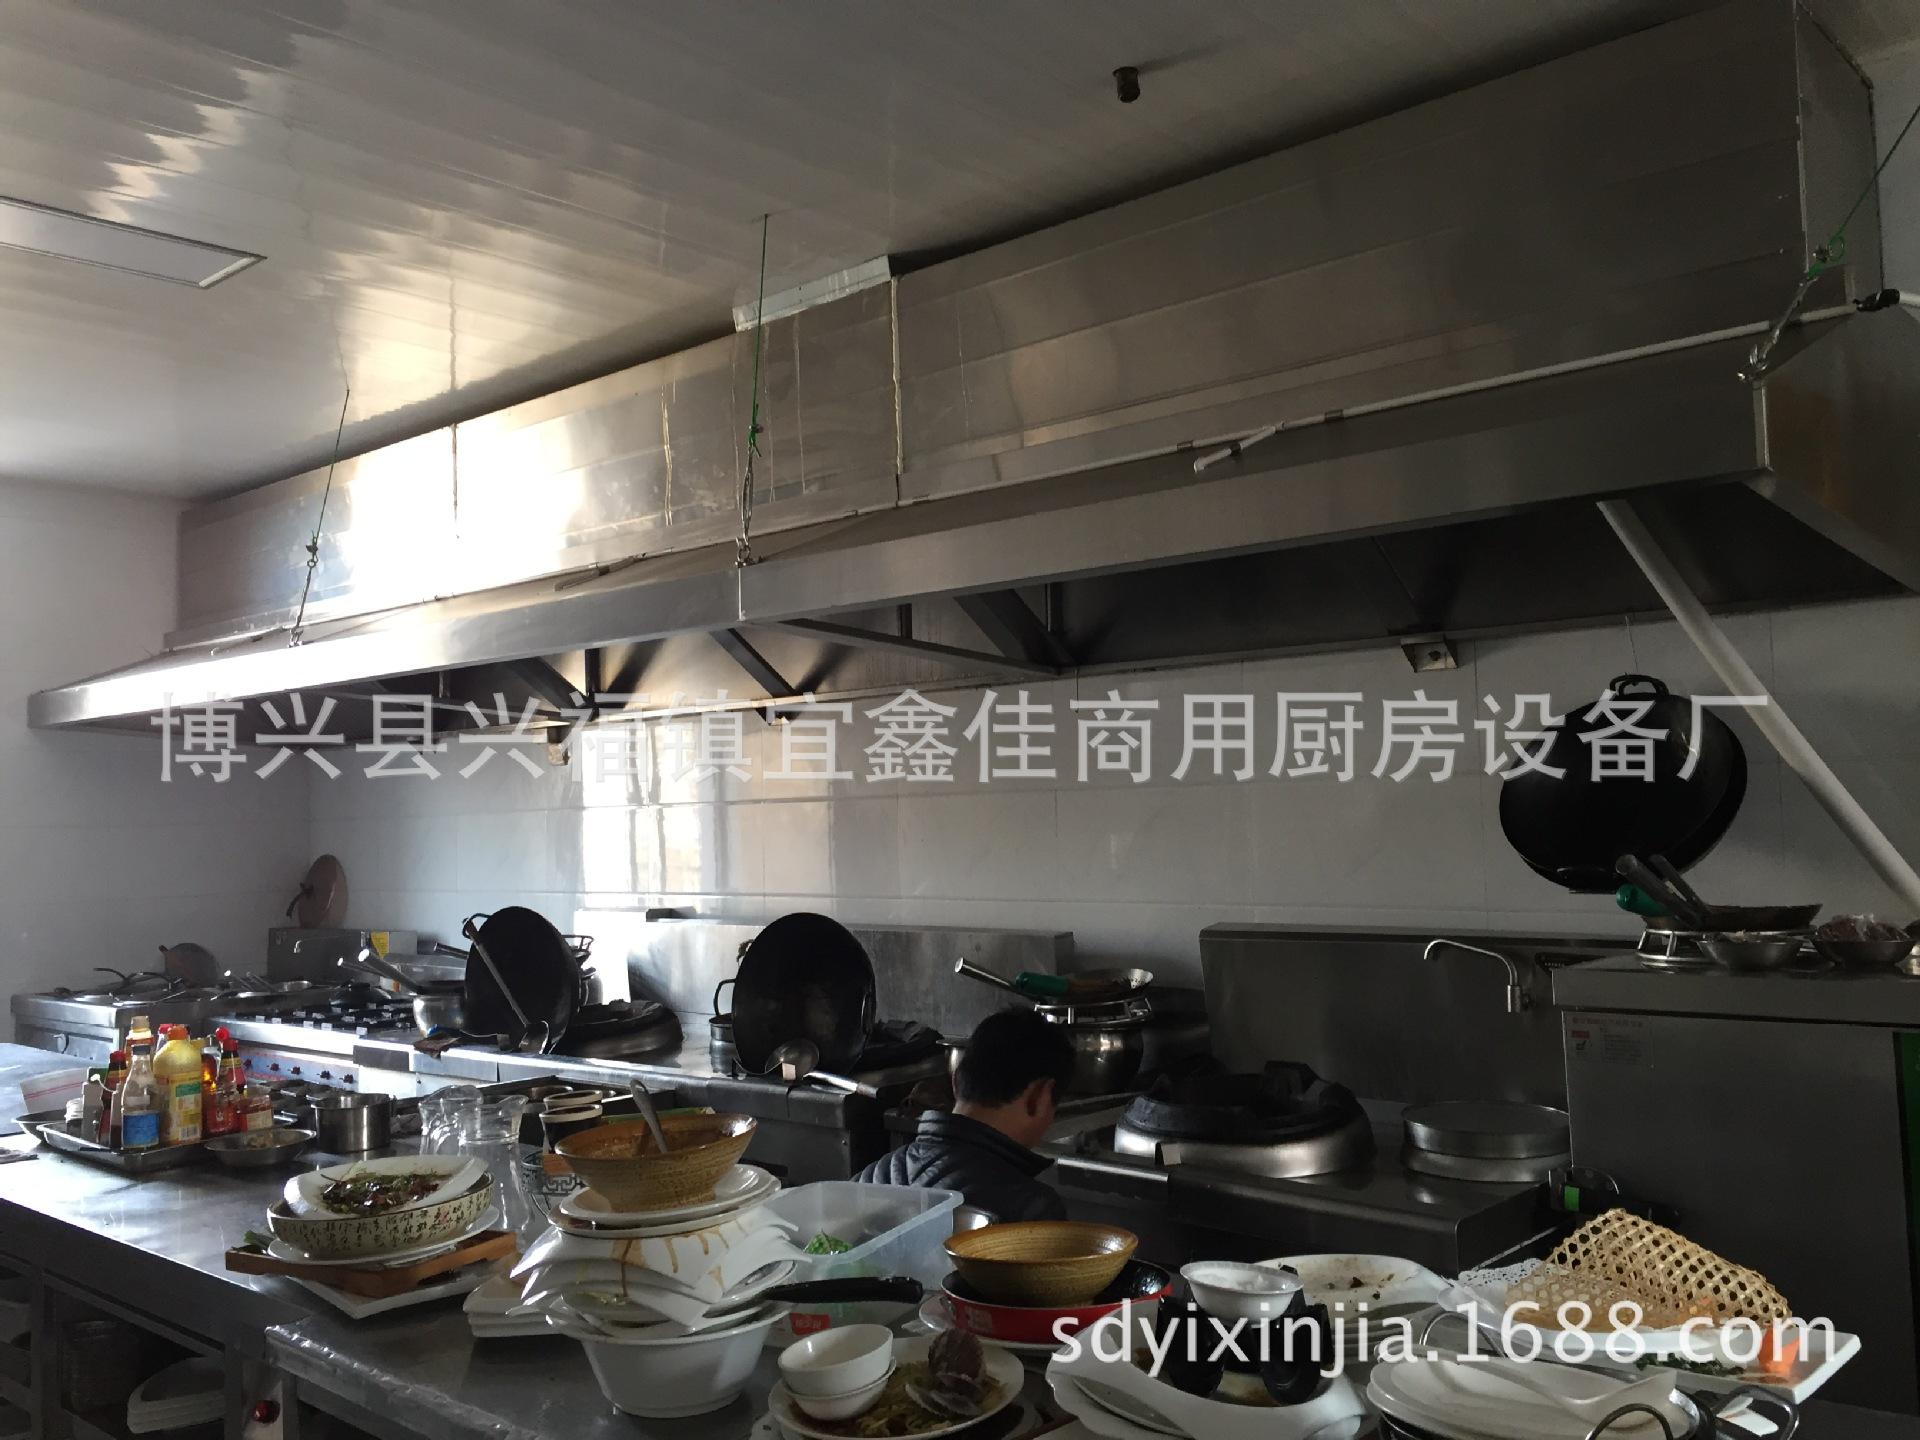 不锈钢油烟分离排烟罩油网烟罩 运水排烟罩 厨房排烟系统设计